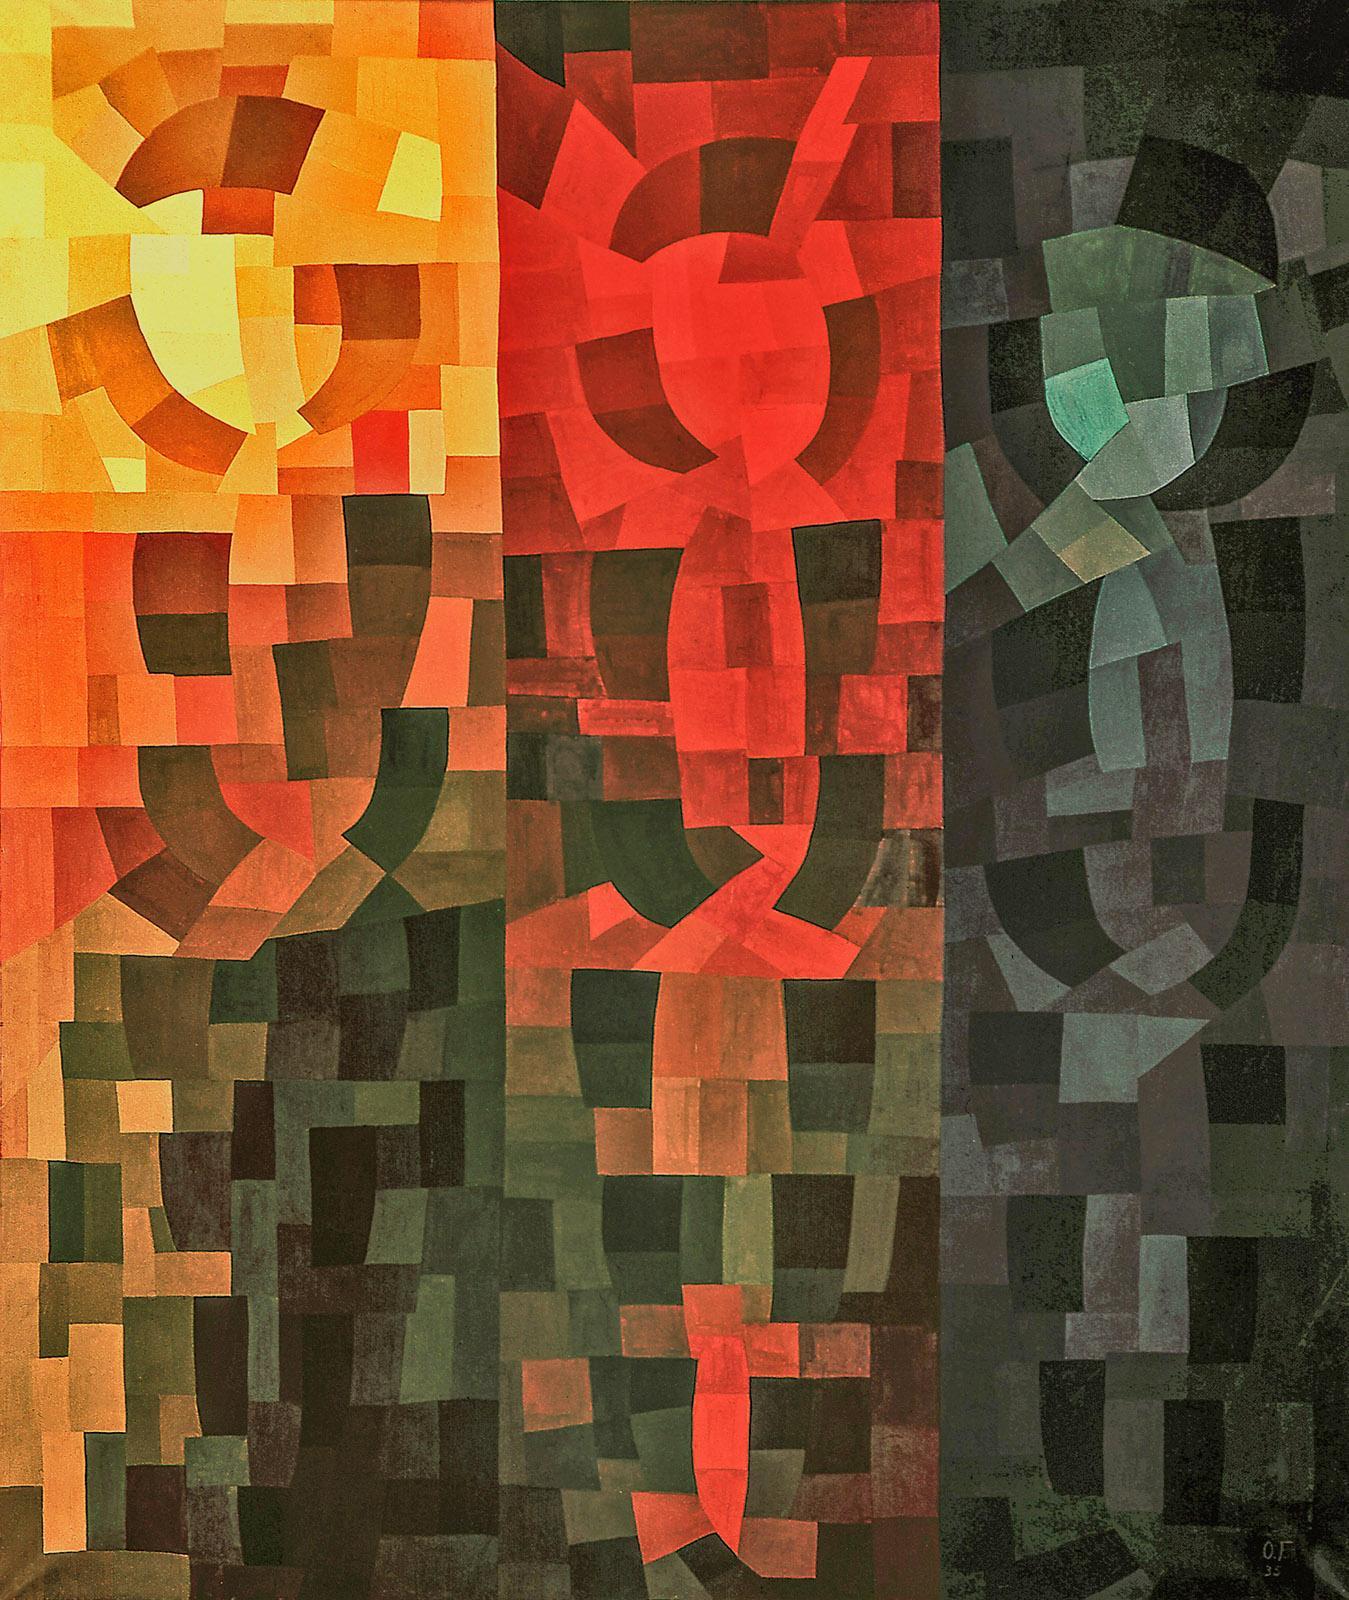 Hommage aux peuples de couleur, 1938, Triptyque en mosaïque, 3 panneaux de 164,5 × 52,5 ; 164,5 × 44,5 ; 164,5 × 42,5 Musée de Pontoise, Donation Freundlich © Musée de Pontoise